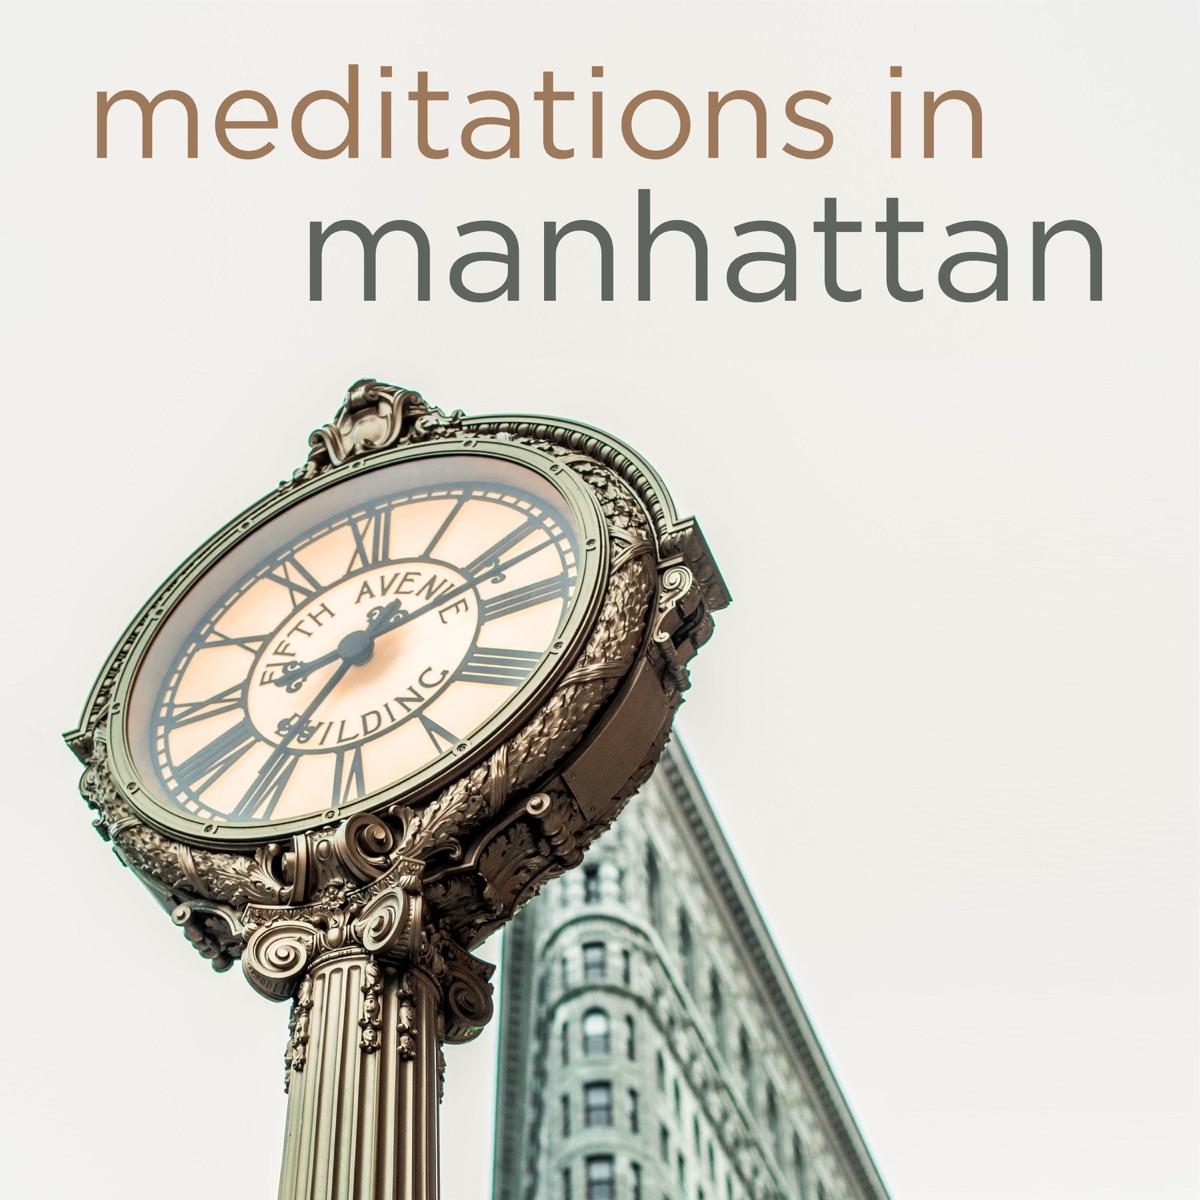 Meditations in Manhattan